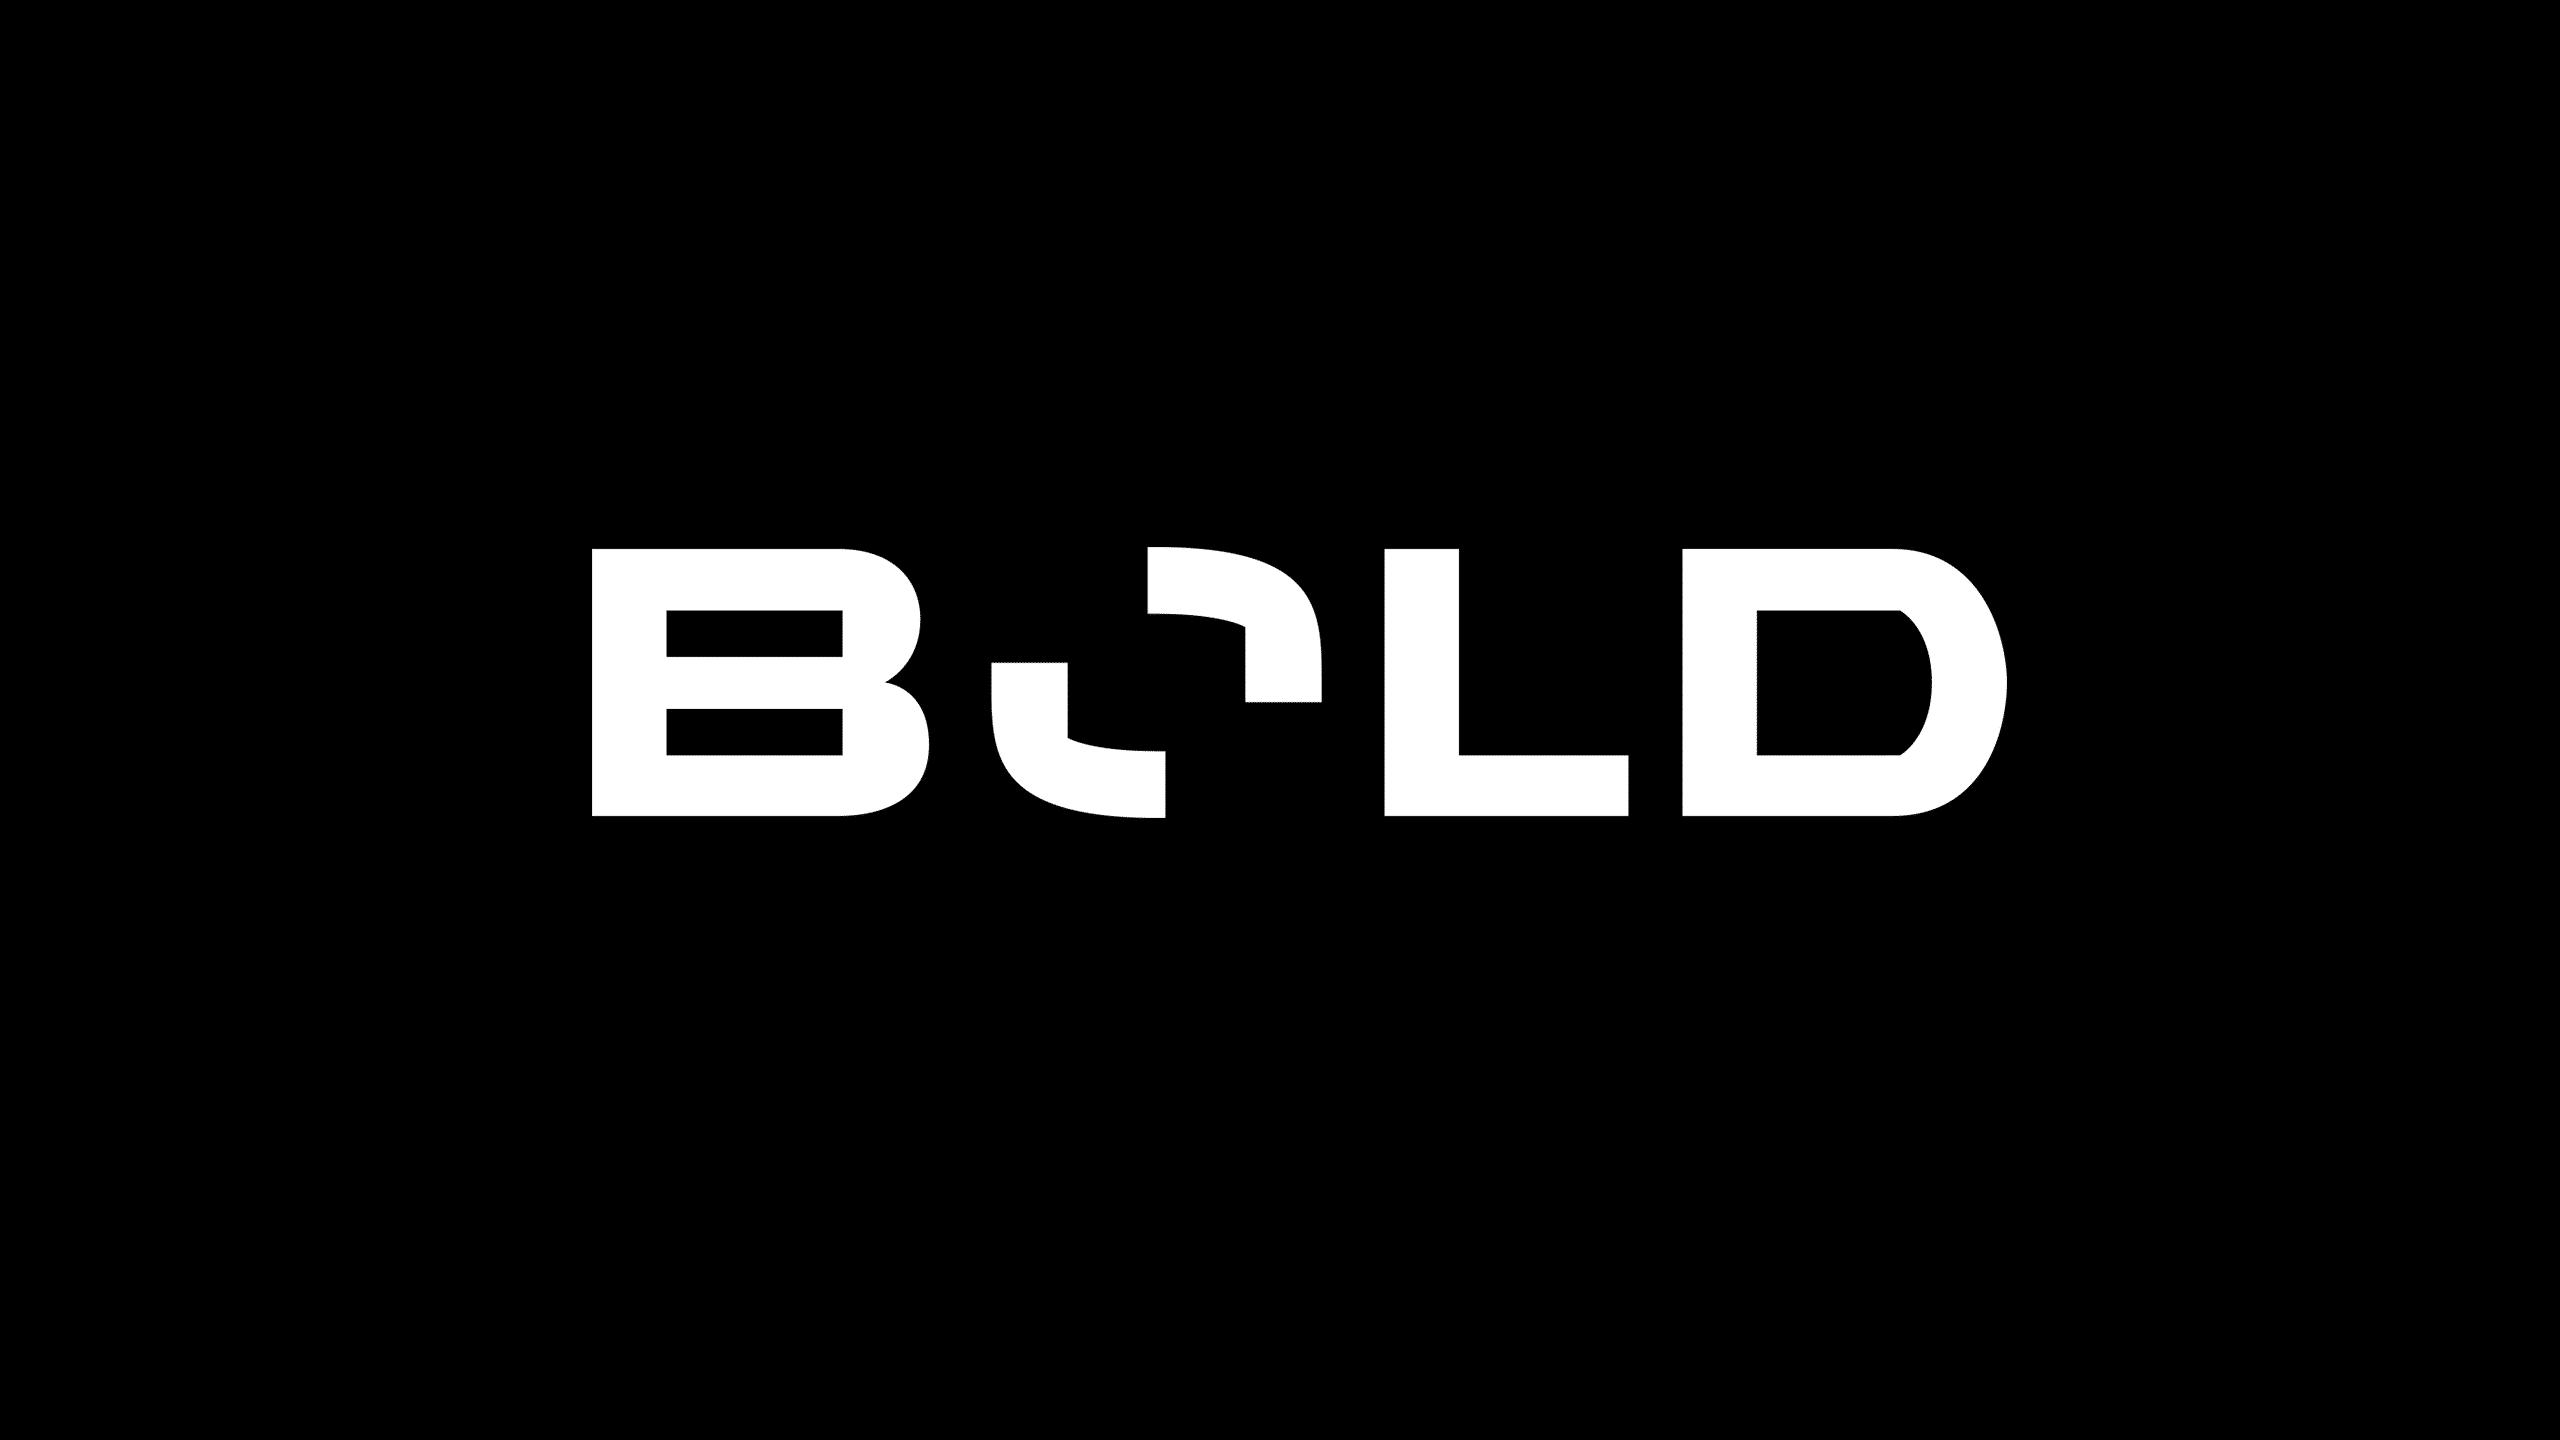 Final logo design white for Bold.